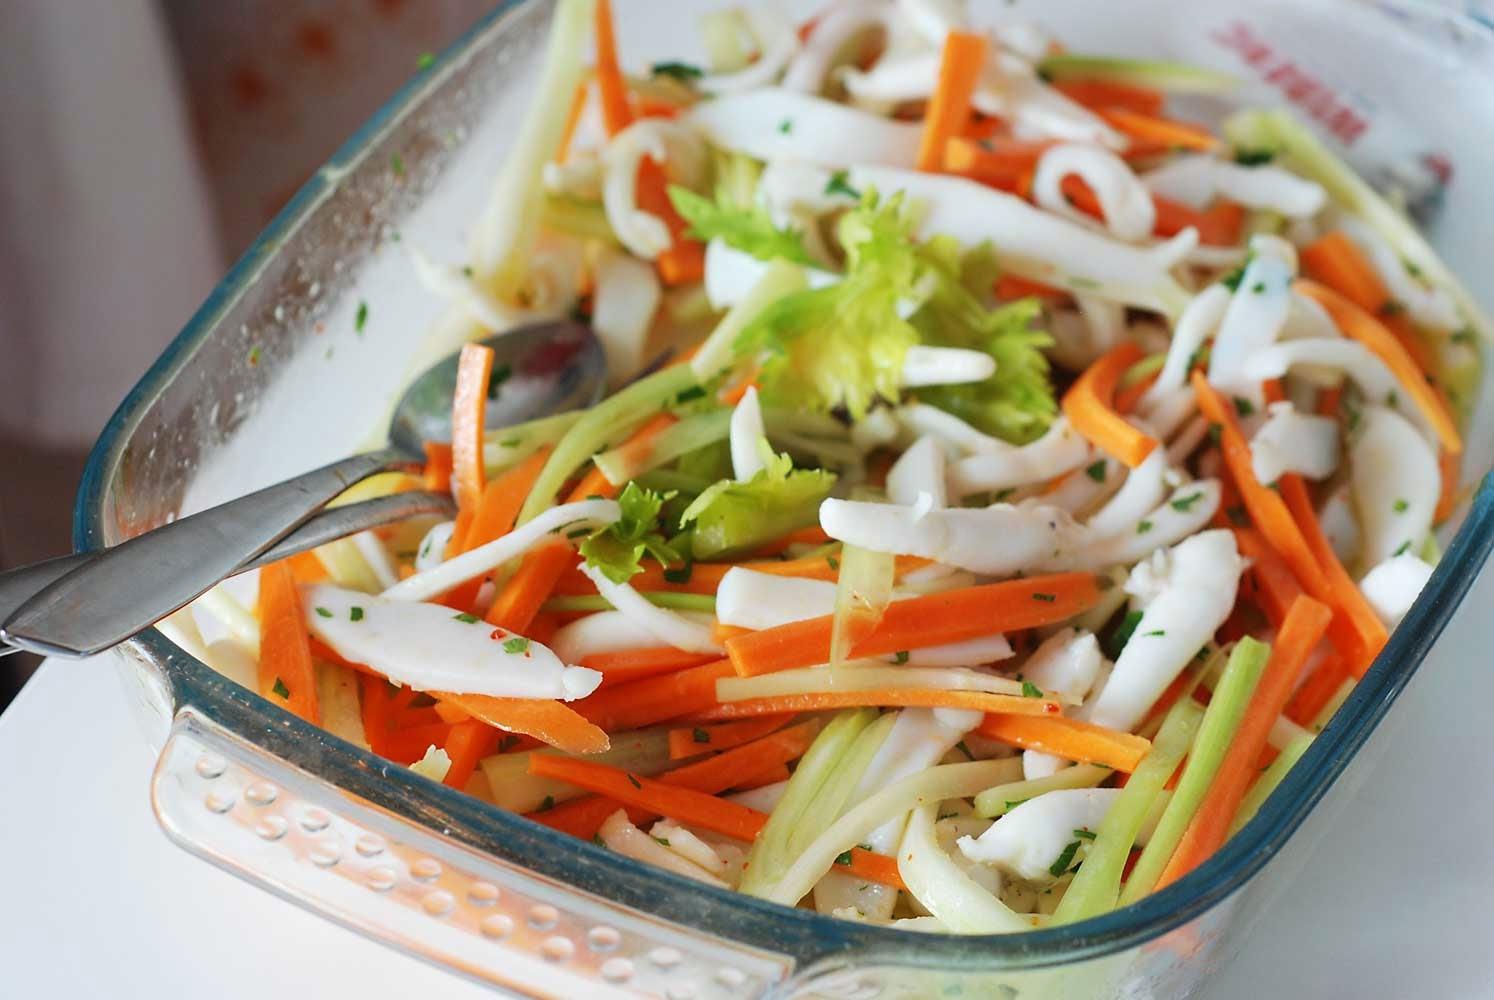 Rossa di sera julienne di seppie con carote e sedano in for Verdure alla julienne